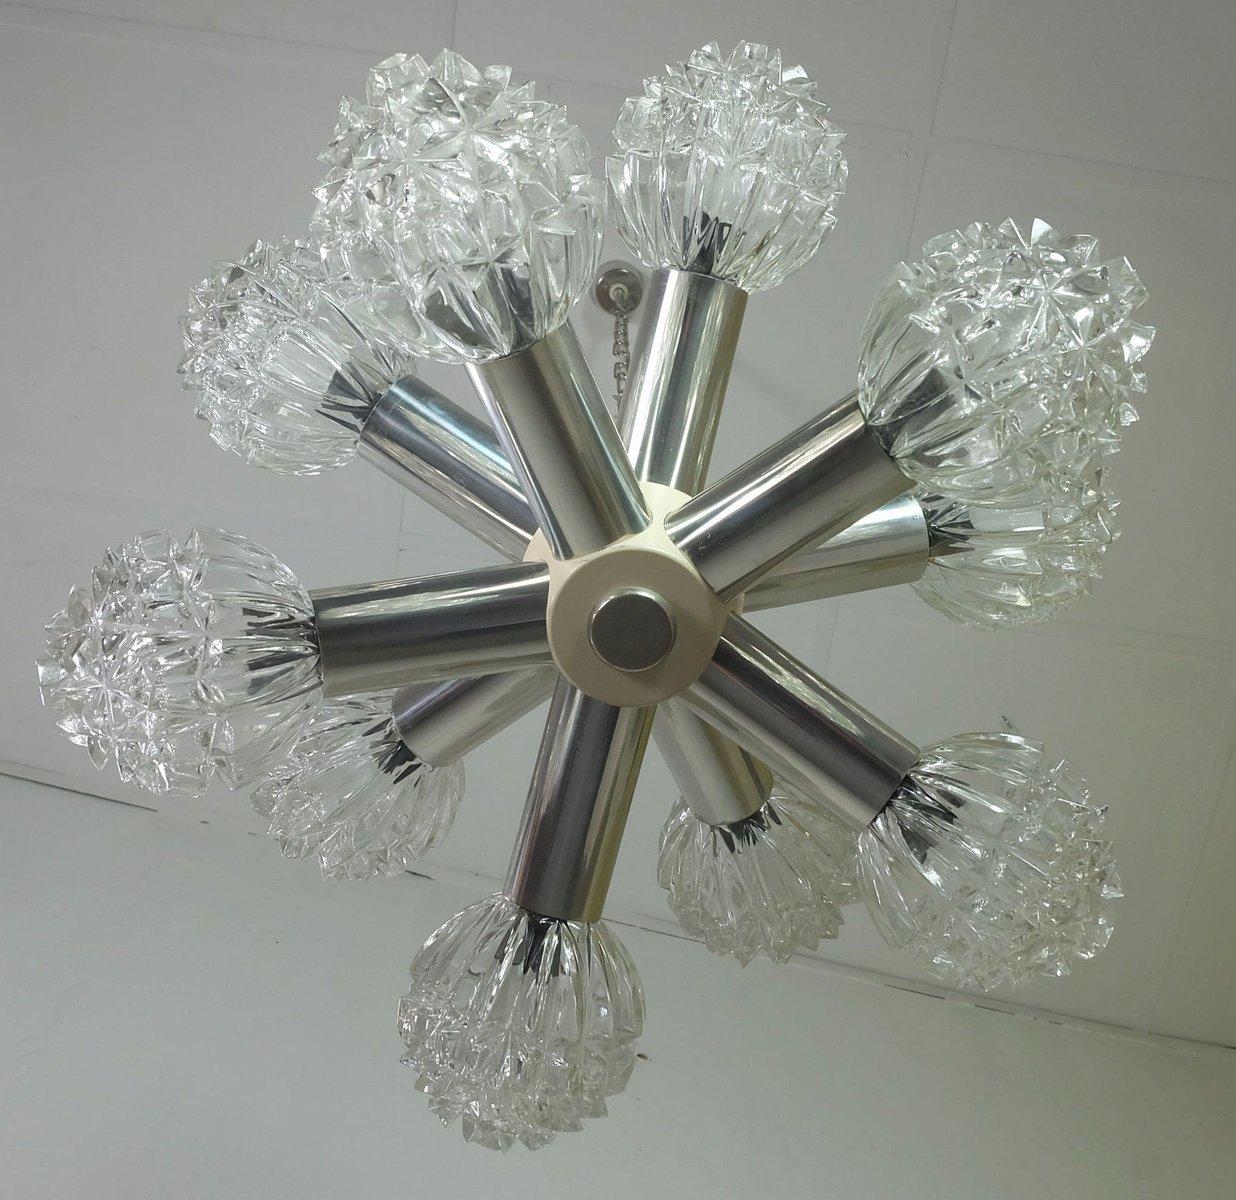 Metall & Glas Sputnik Lampe von VEB Wohnraumleuchten Erlangen, 1960er